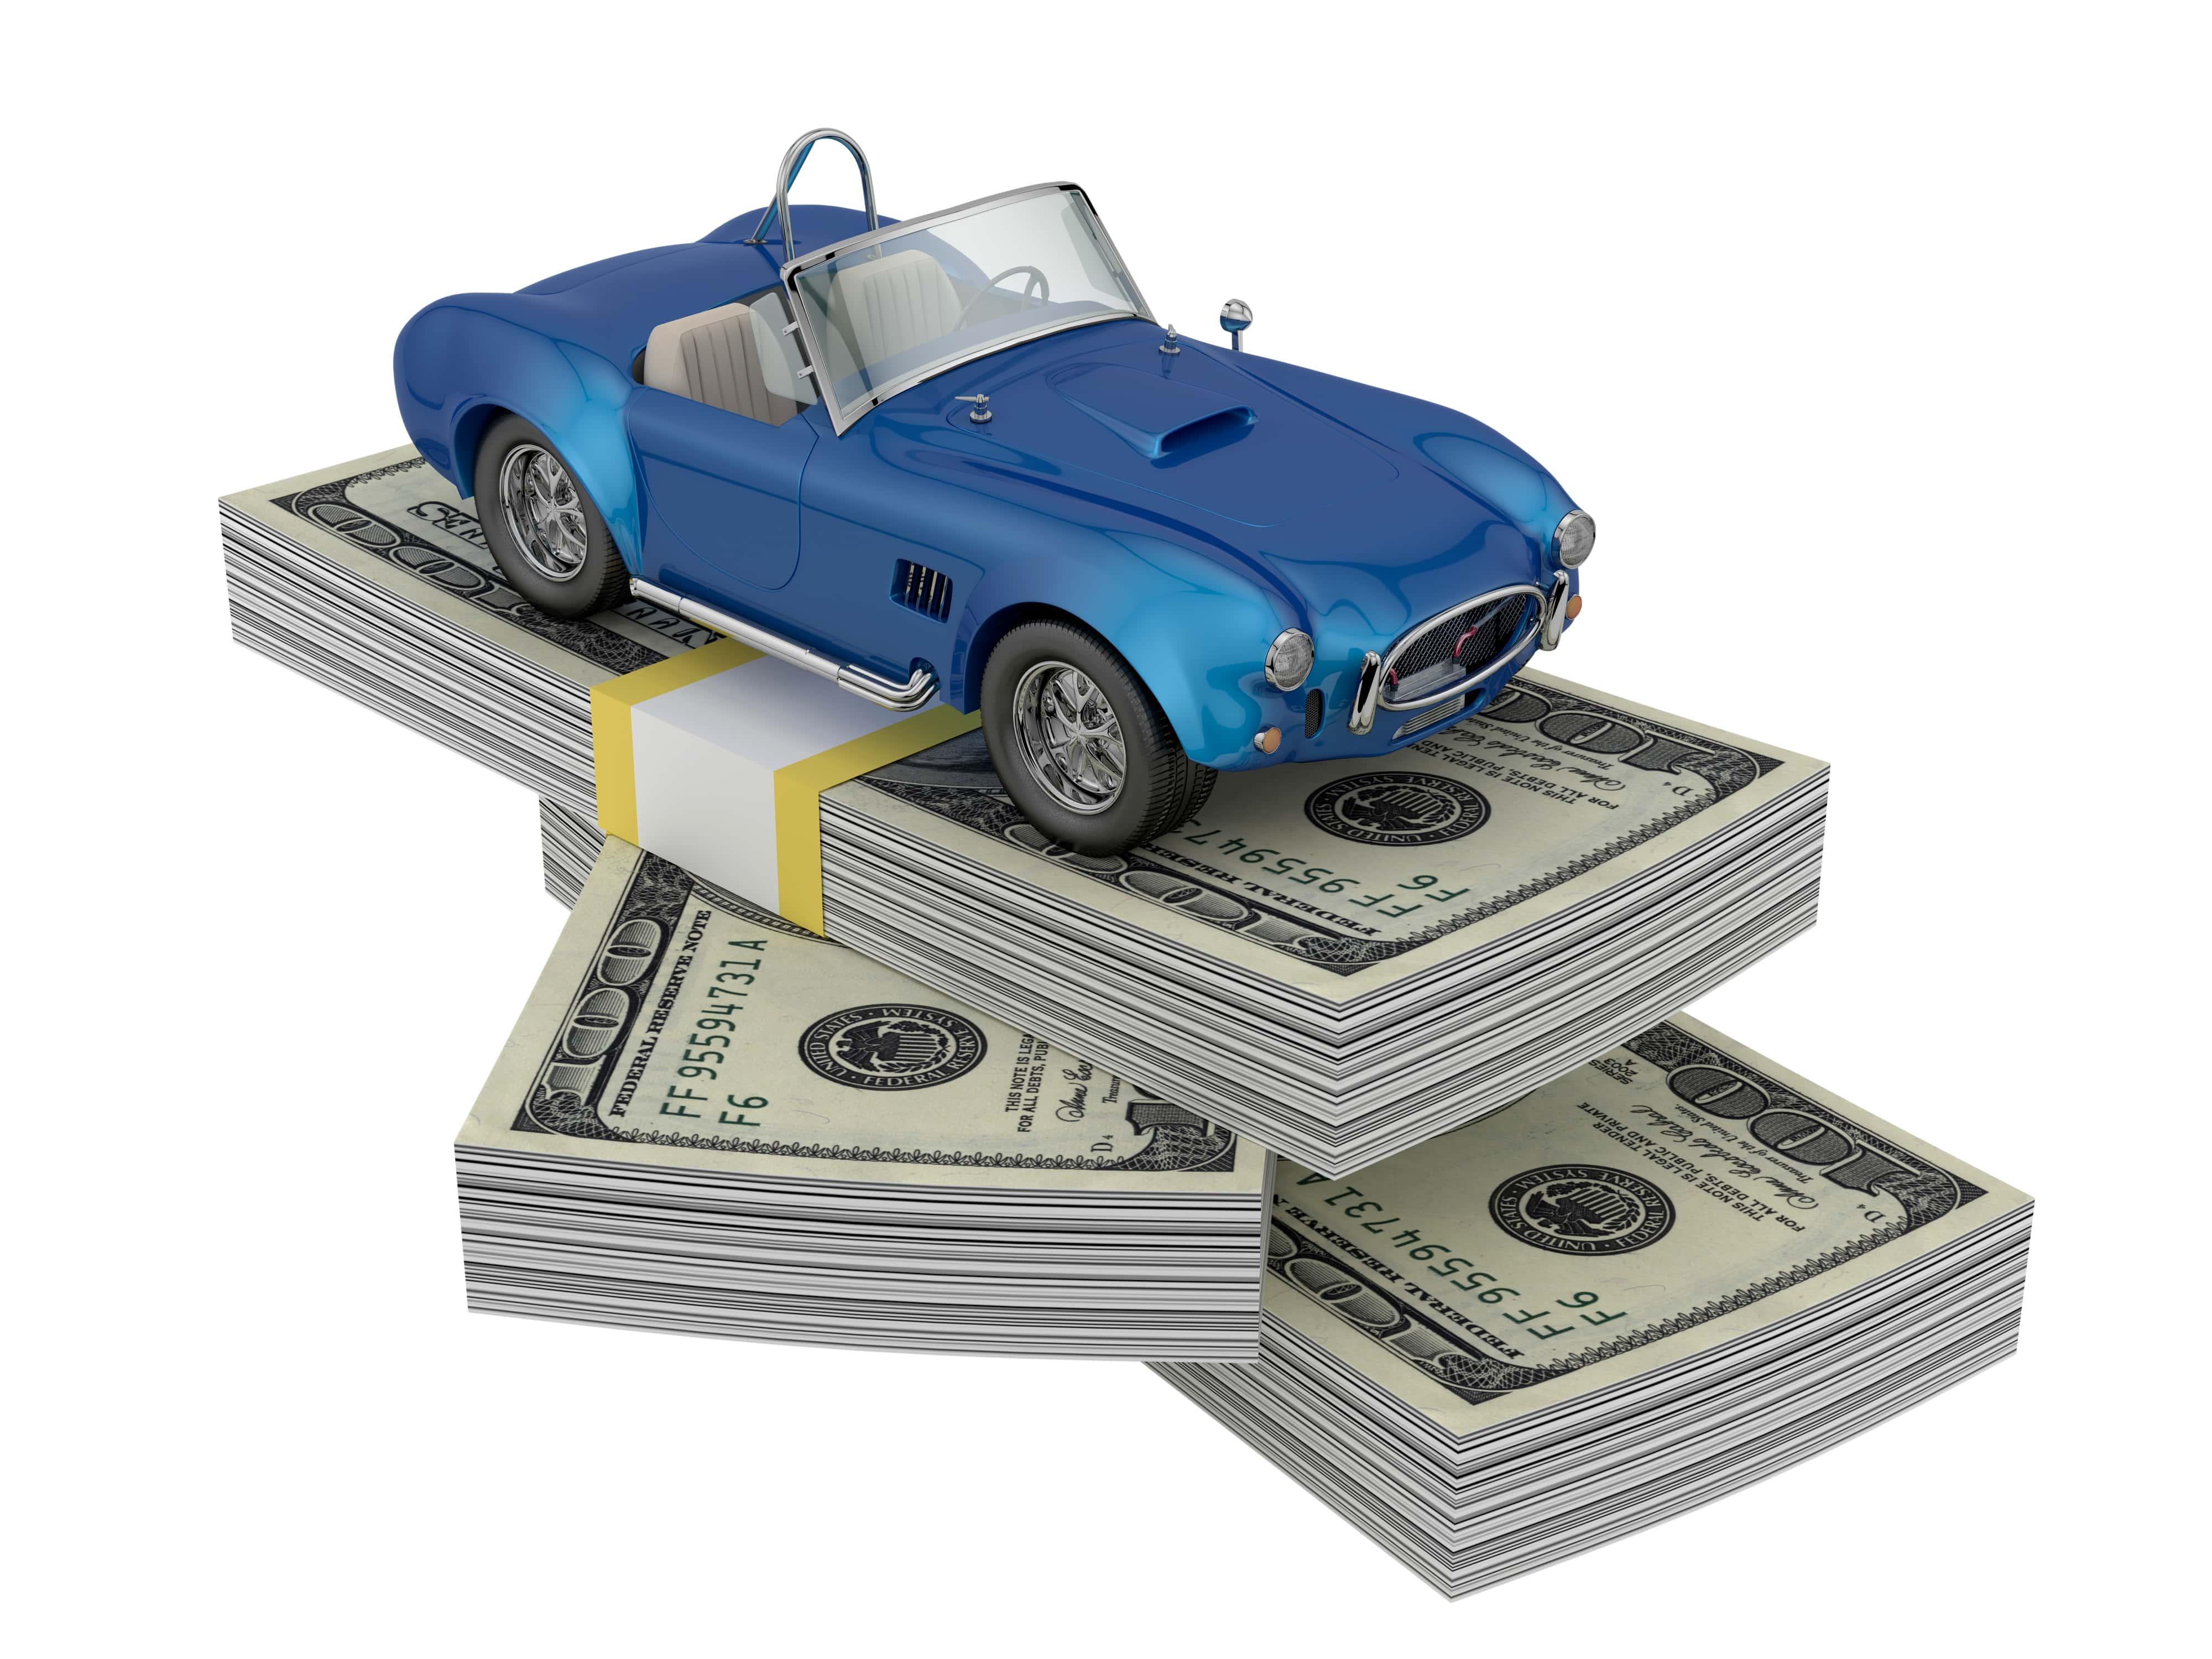 Classic Car Title Loans for Cash